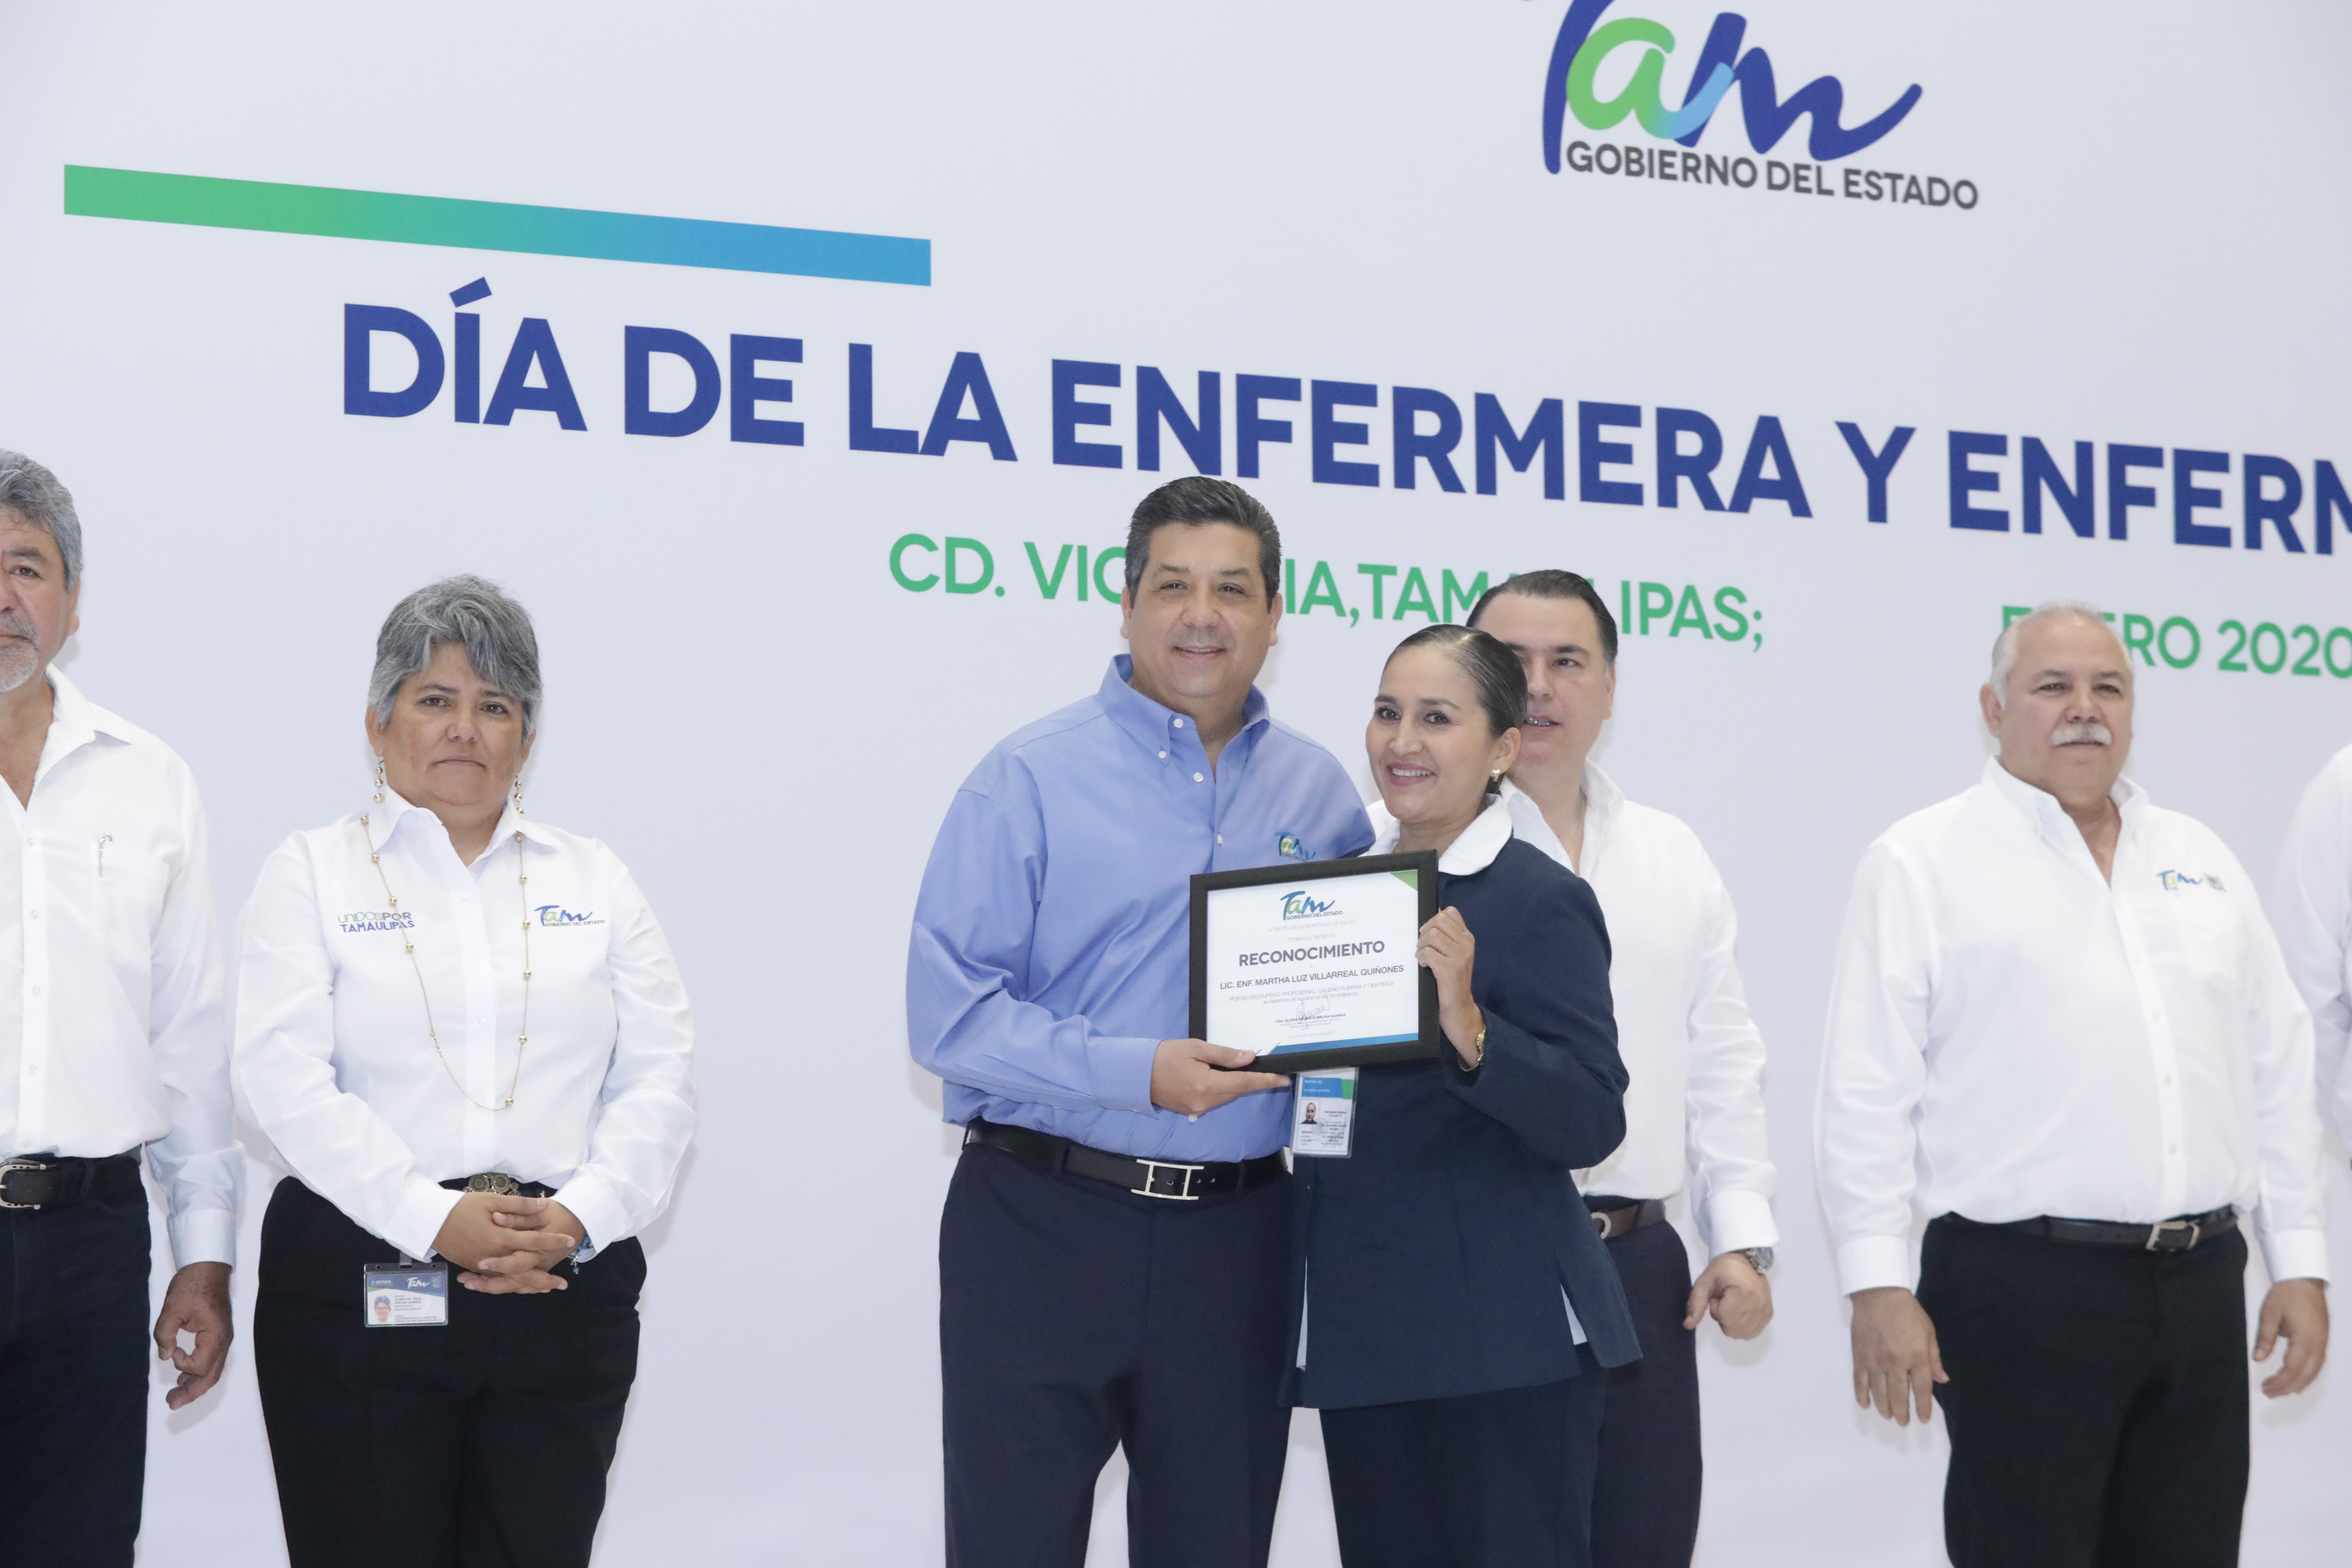 TAM-004-2020.-Gobernador celebra a las Enfermeras y Enfermeros. (1)